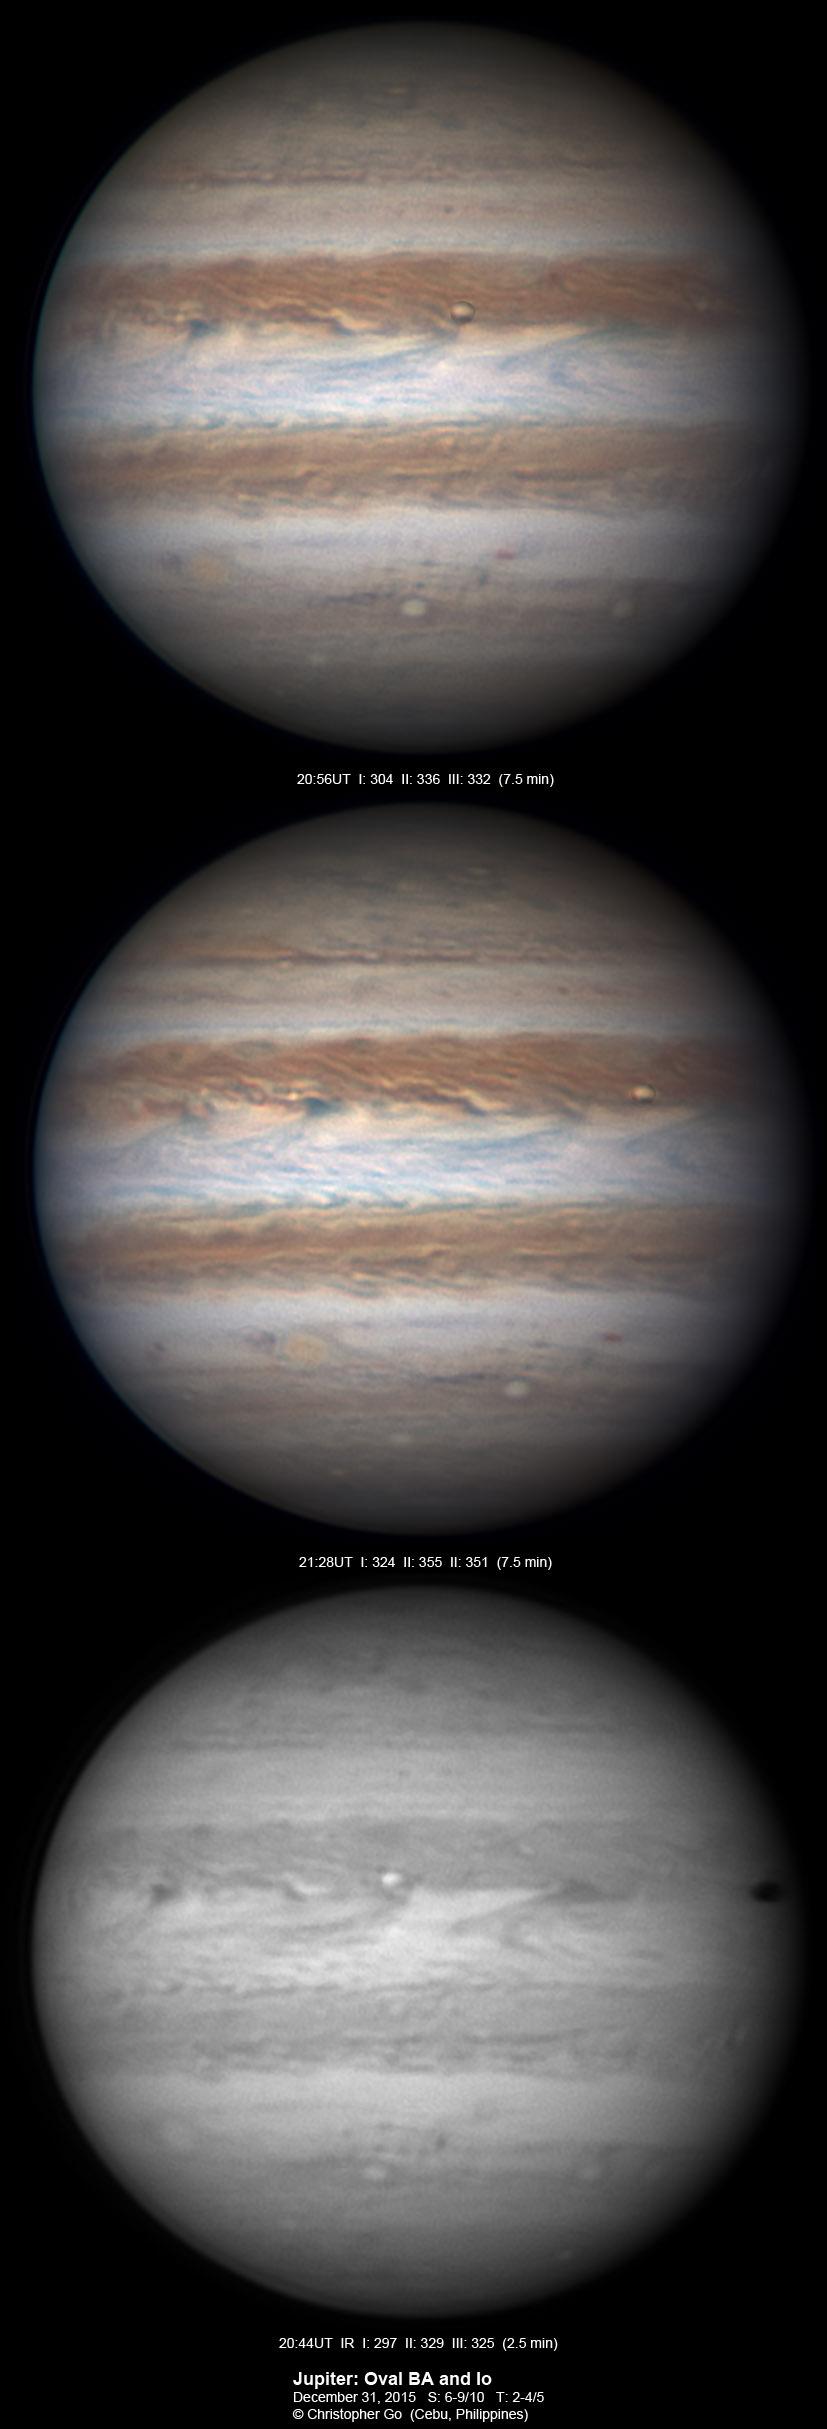 Io transits Jupiter